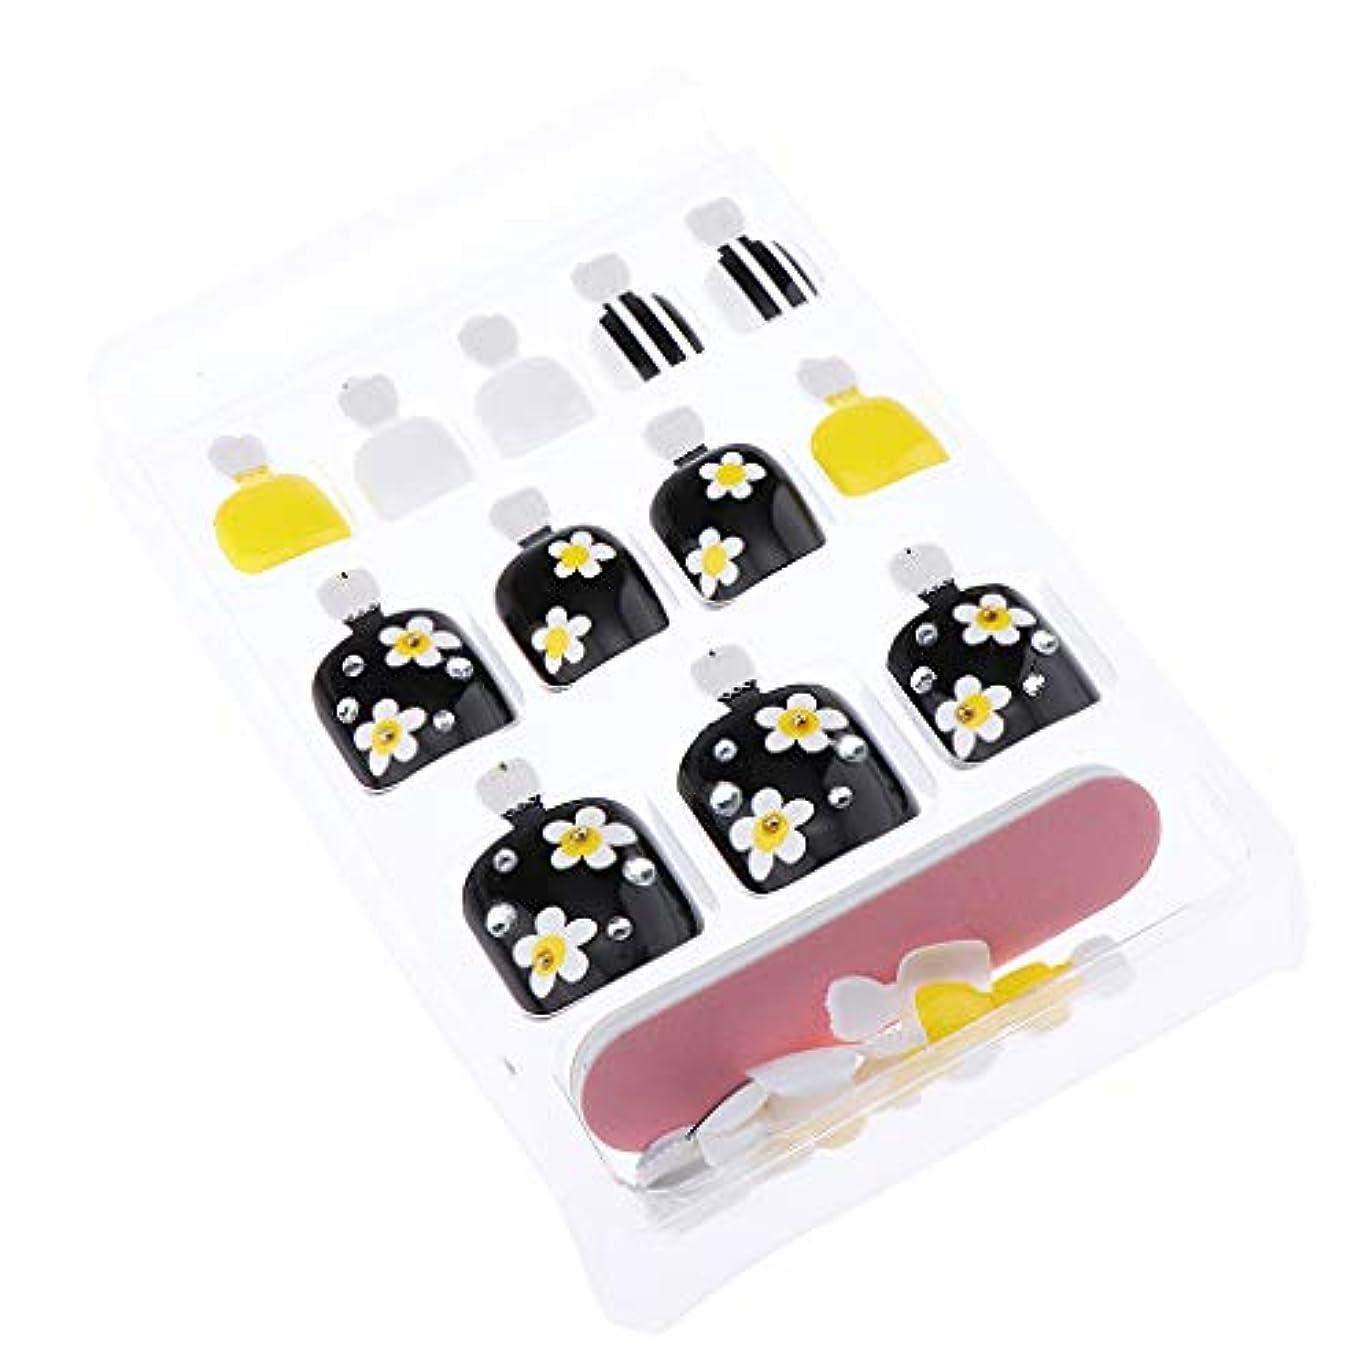 ブース電化する構成する人工足指 つま先 ネイルアート 足指 足指つめ 可愛い 5色選べ - U90077